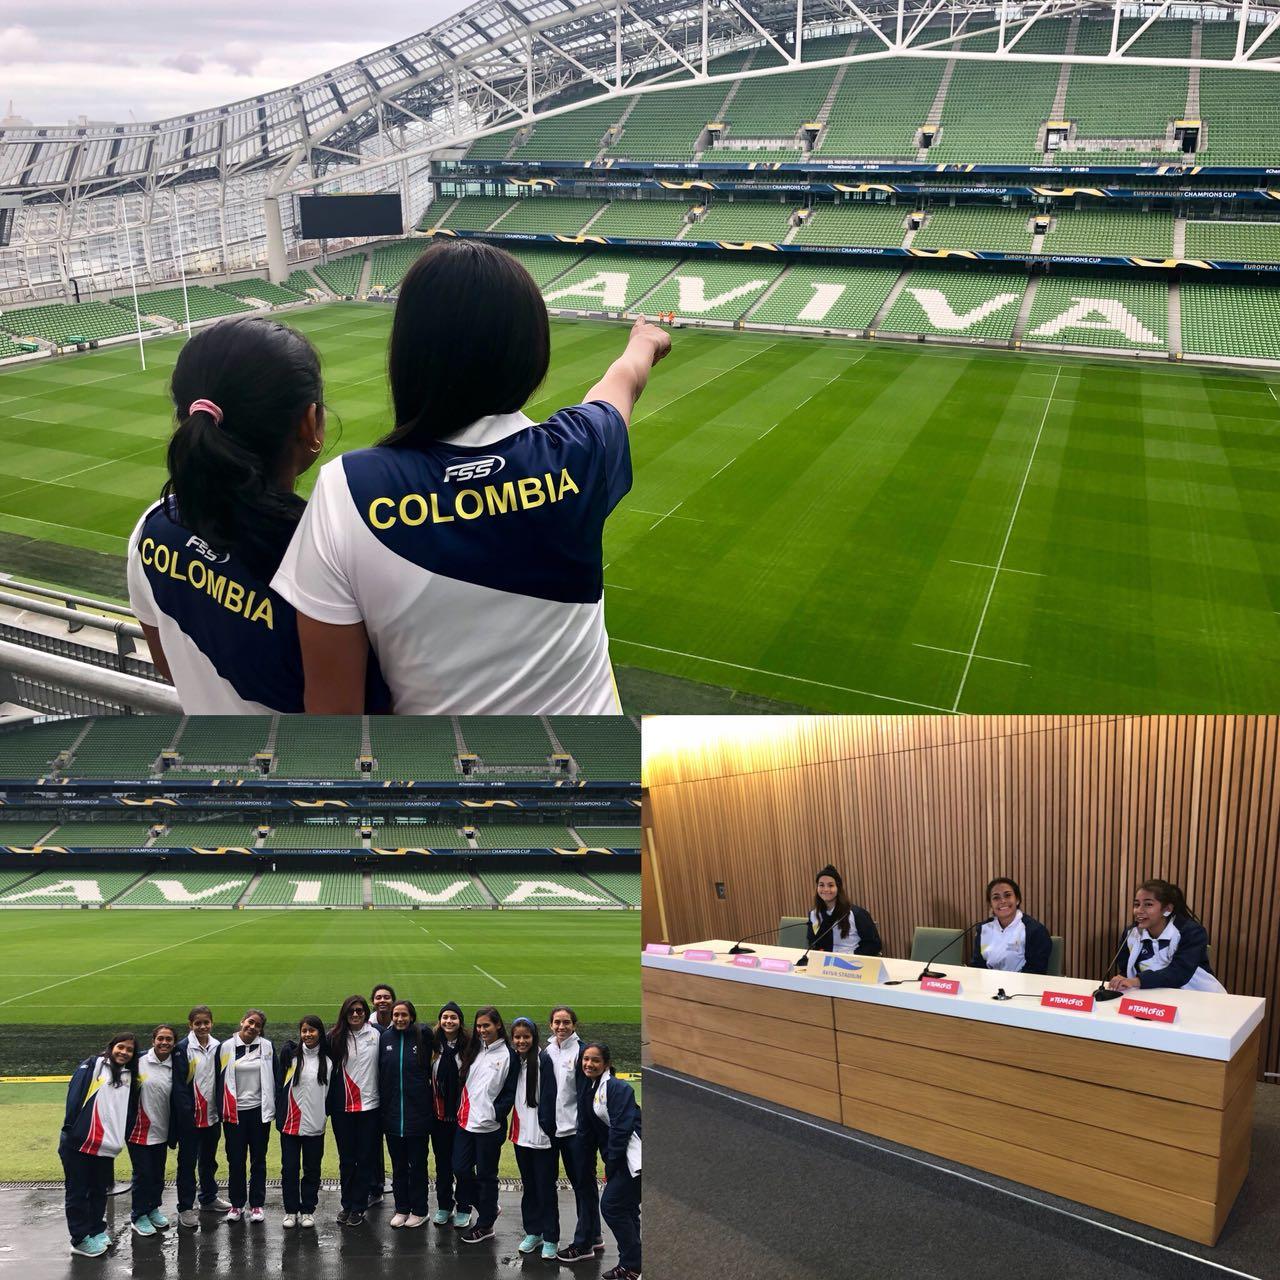 Visita al estadio Aviva en Dublín. Foto: Ministerio de Relaciones Exteriores de Colombia.